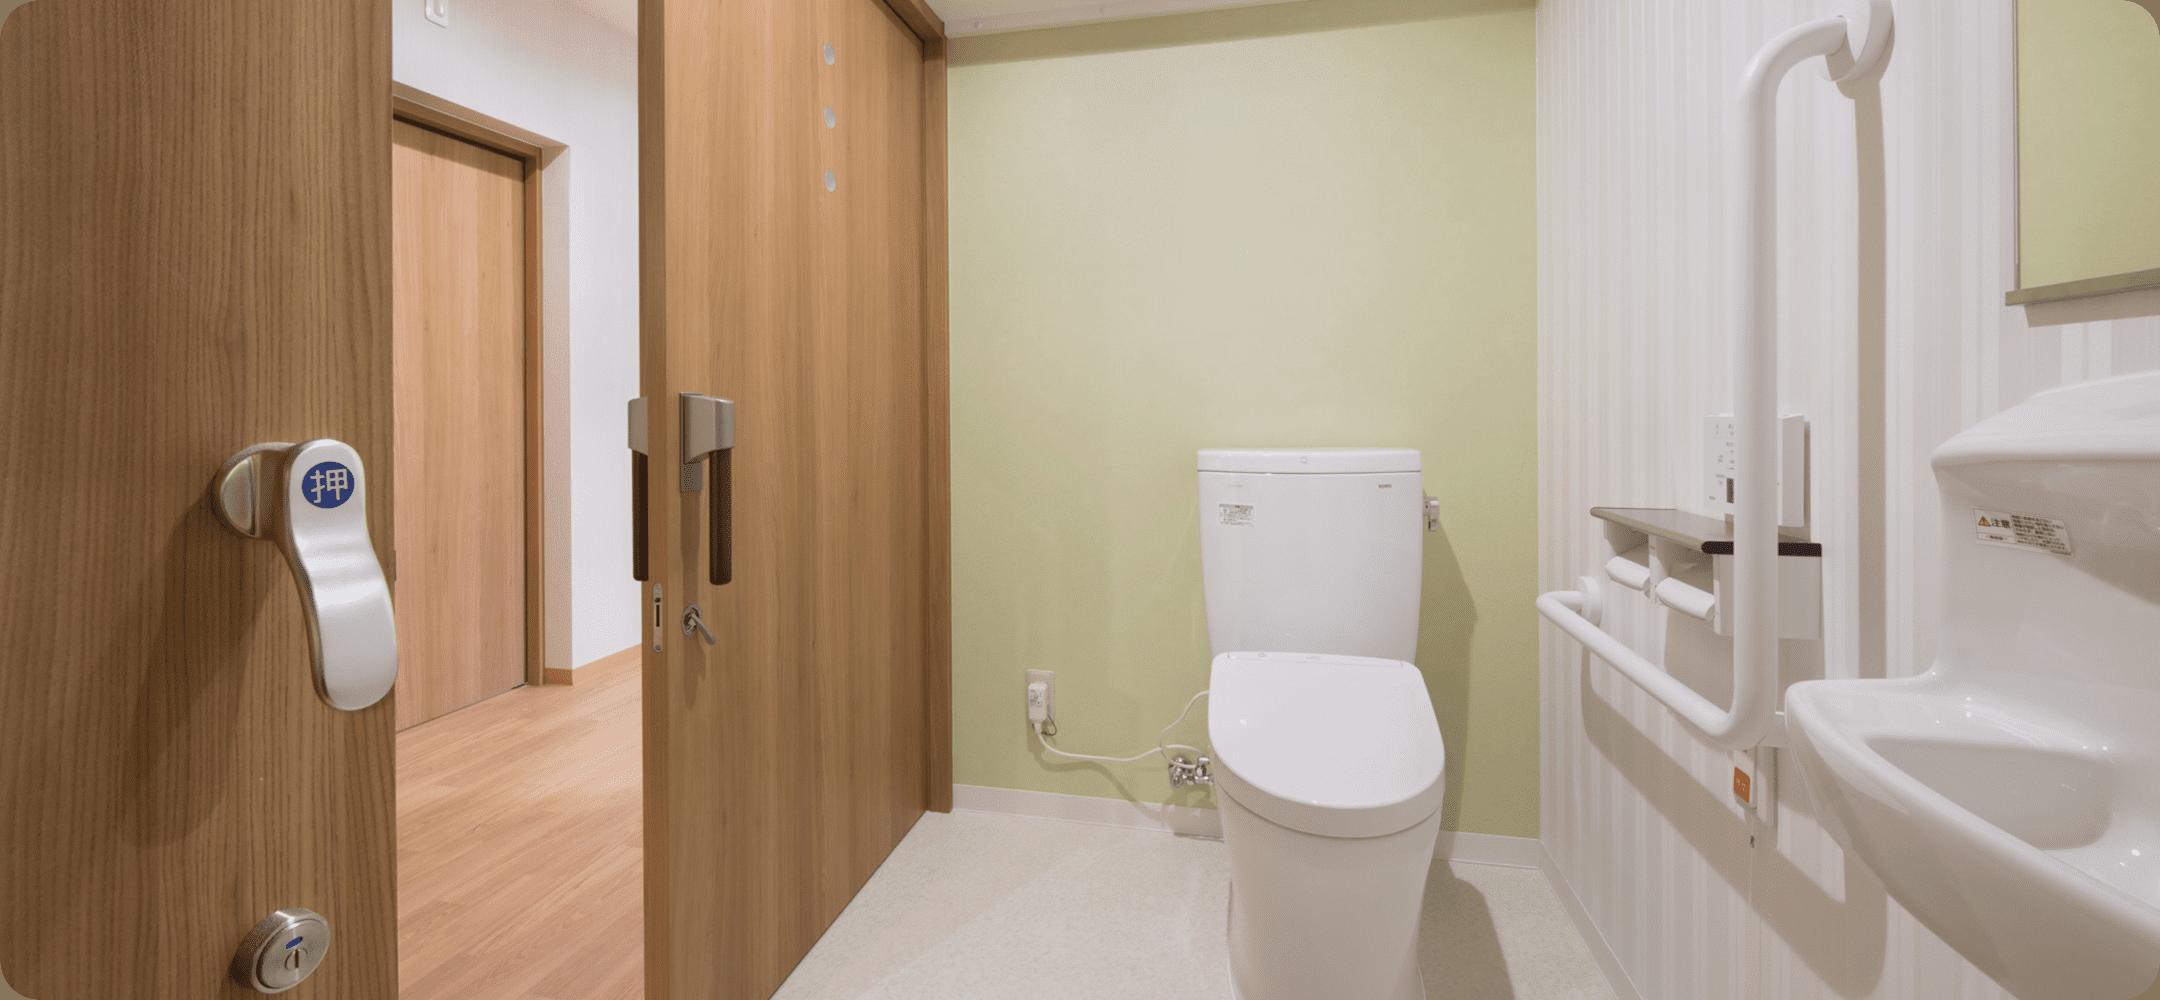 たまふれあいの家枡形トイレ